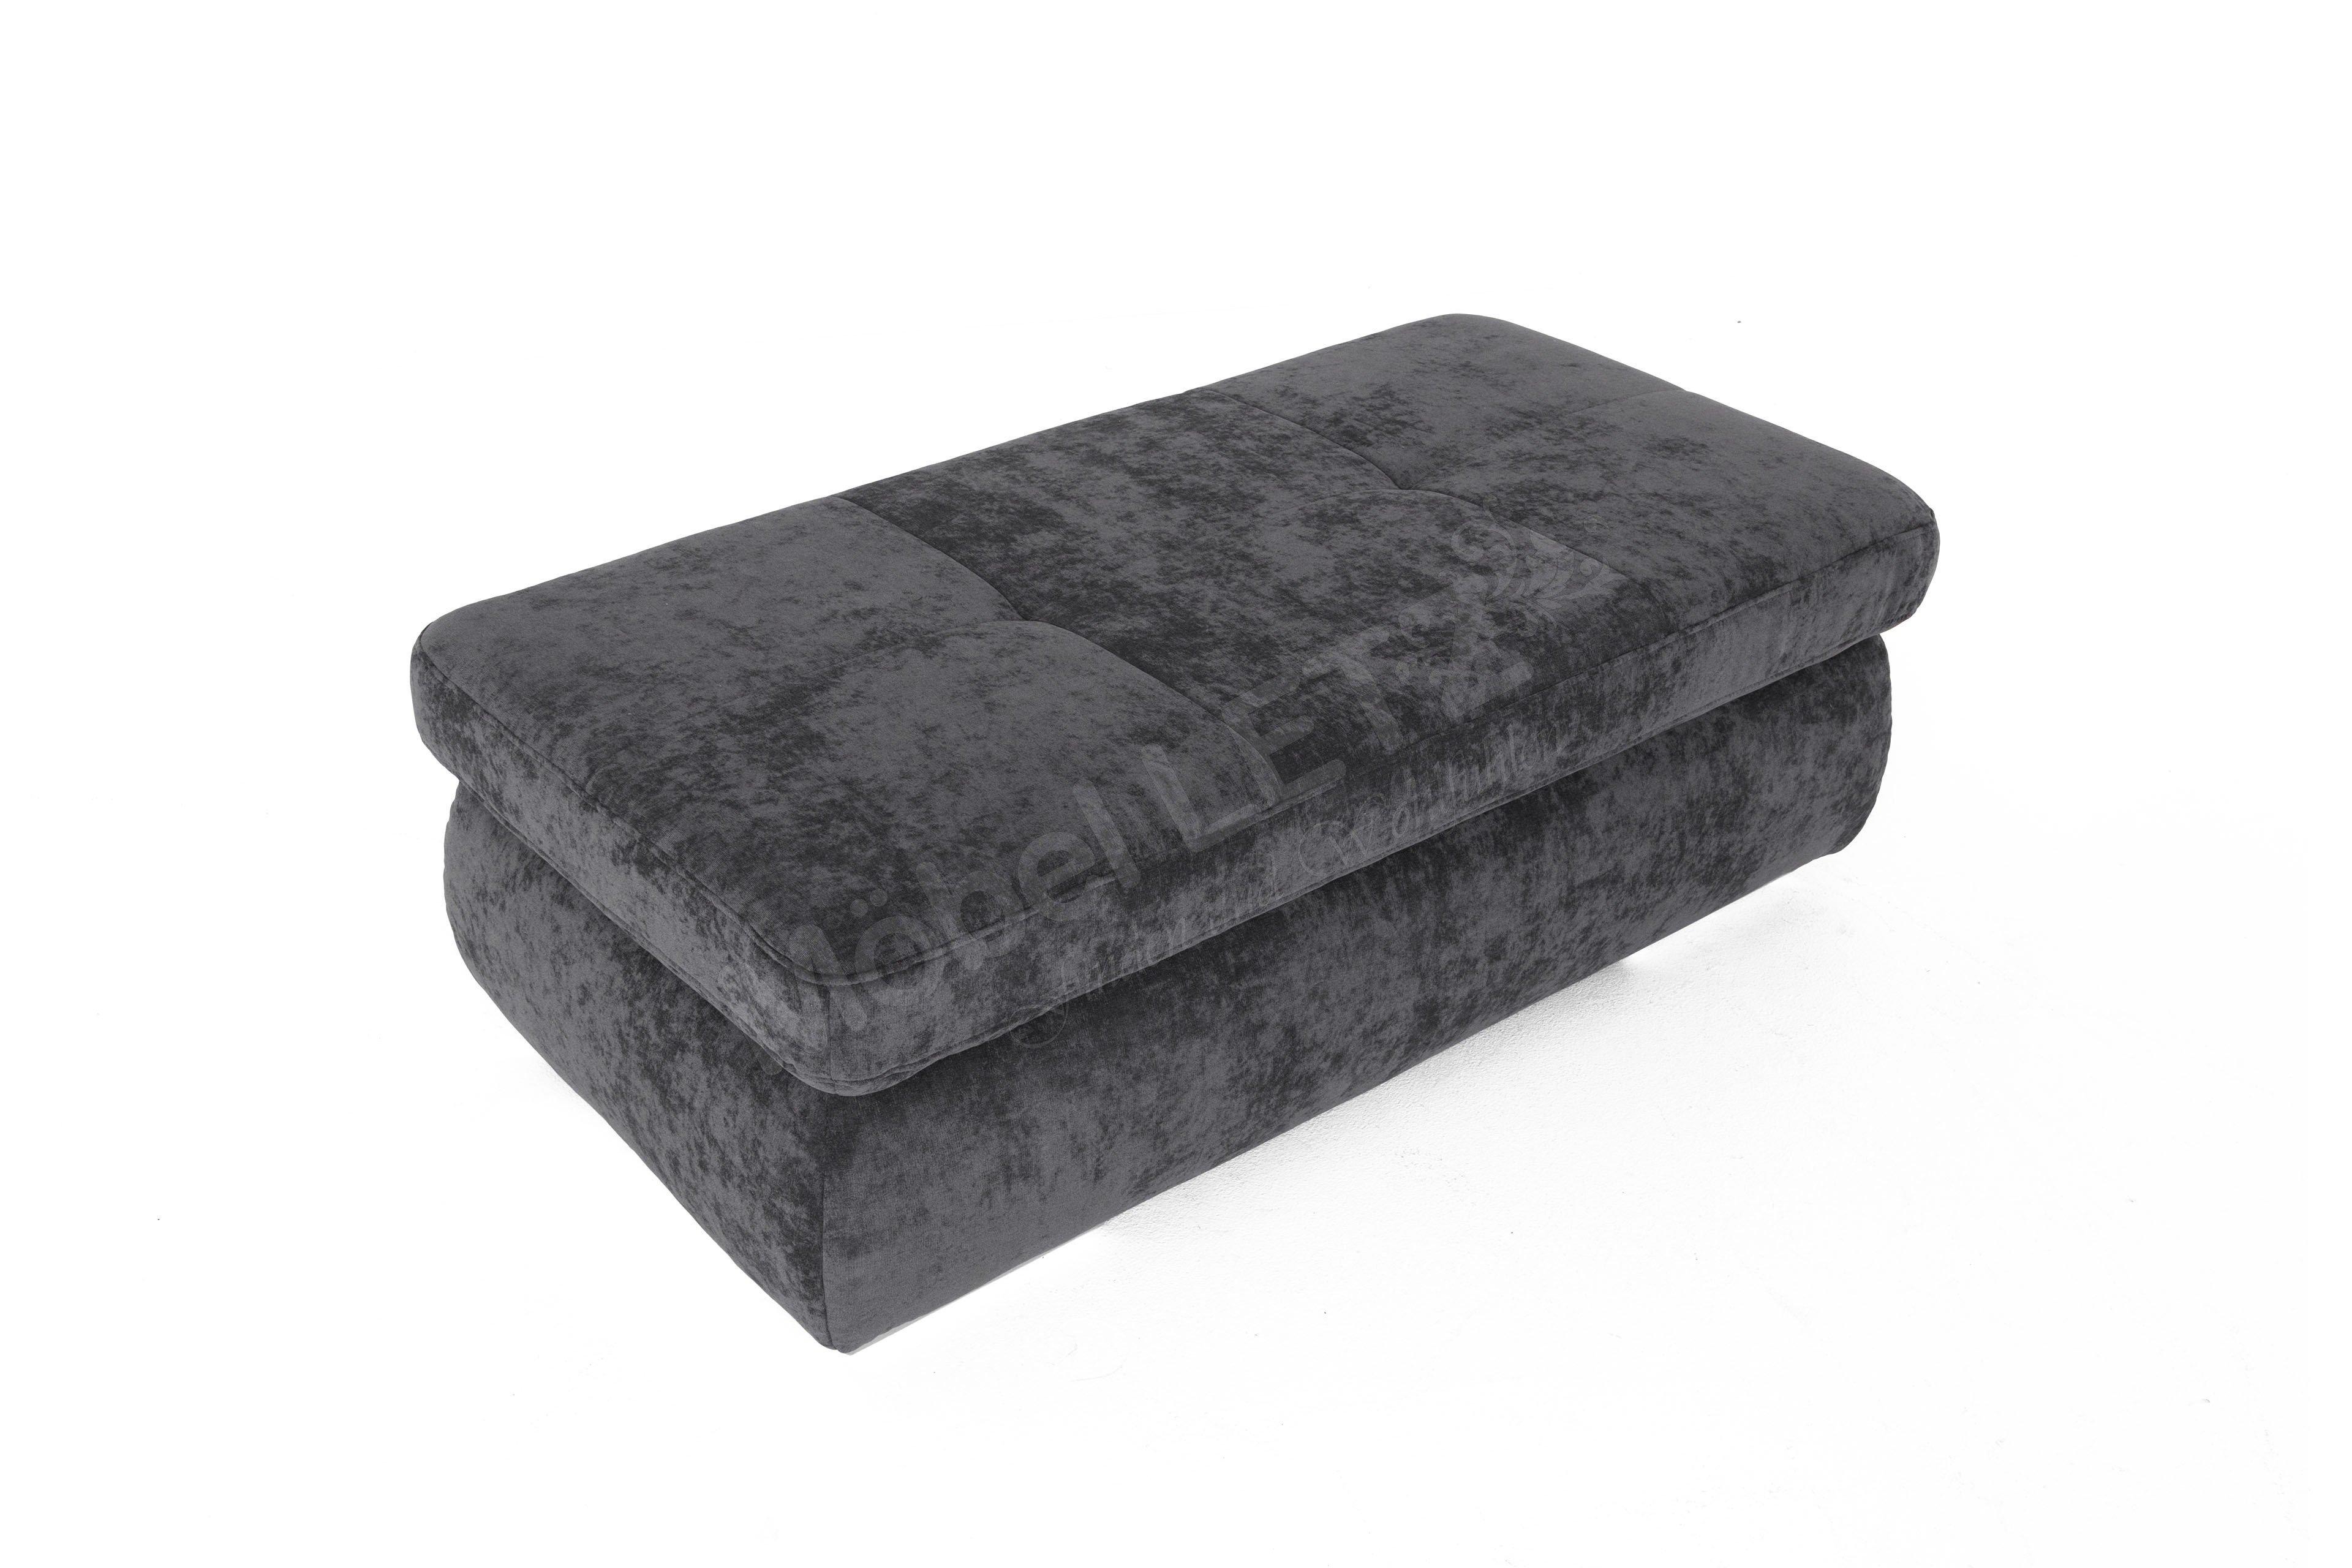 xxl hocker xxlcouch mit hocker und vielen kissen with xxl. Black Bedroom Furniture Sets. Home Design Ideas